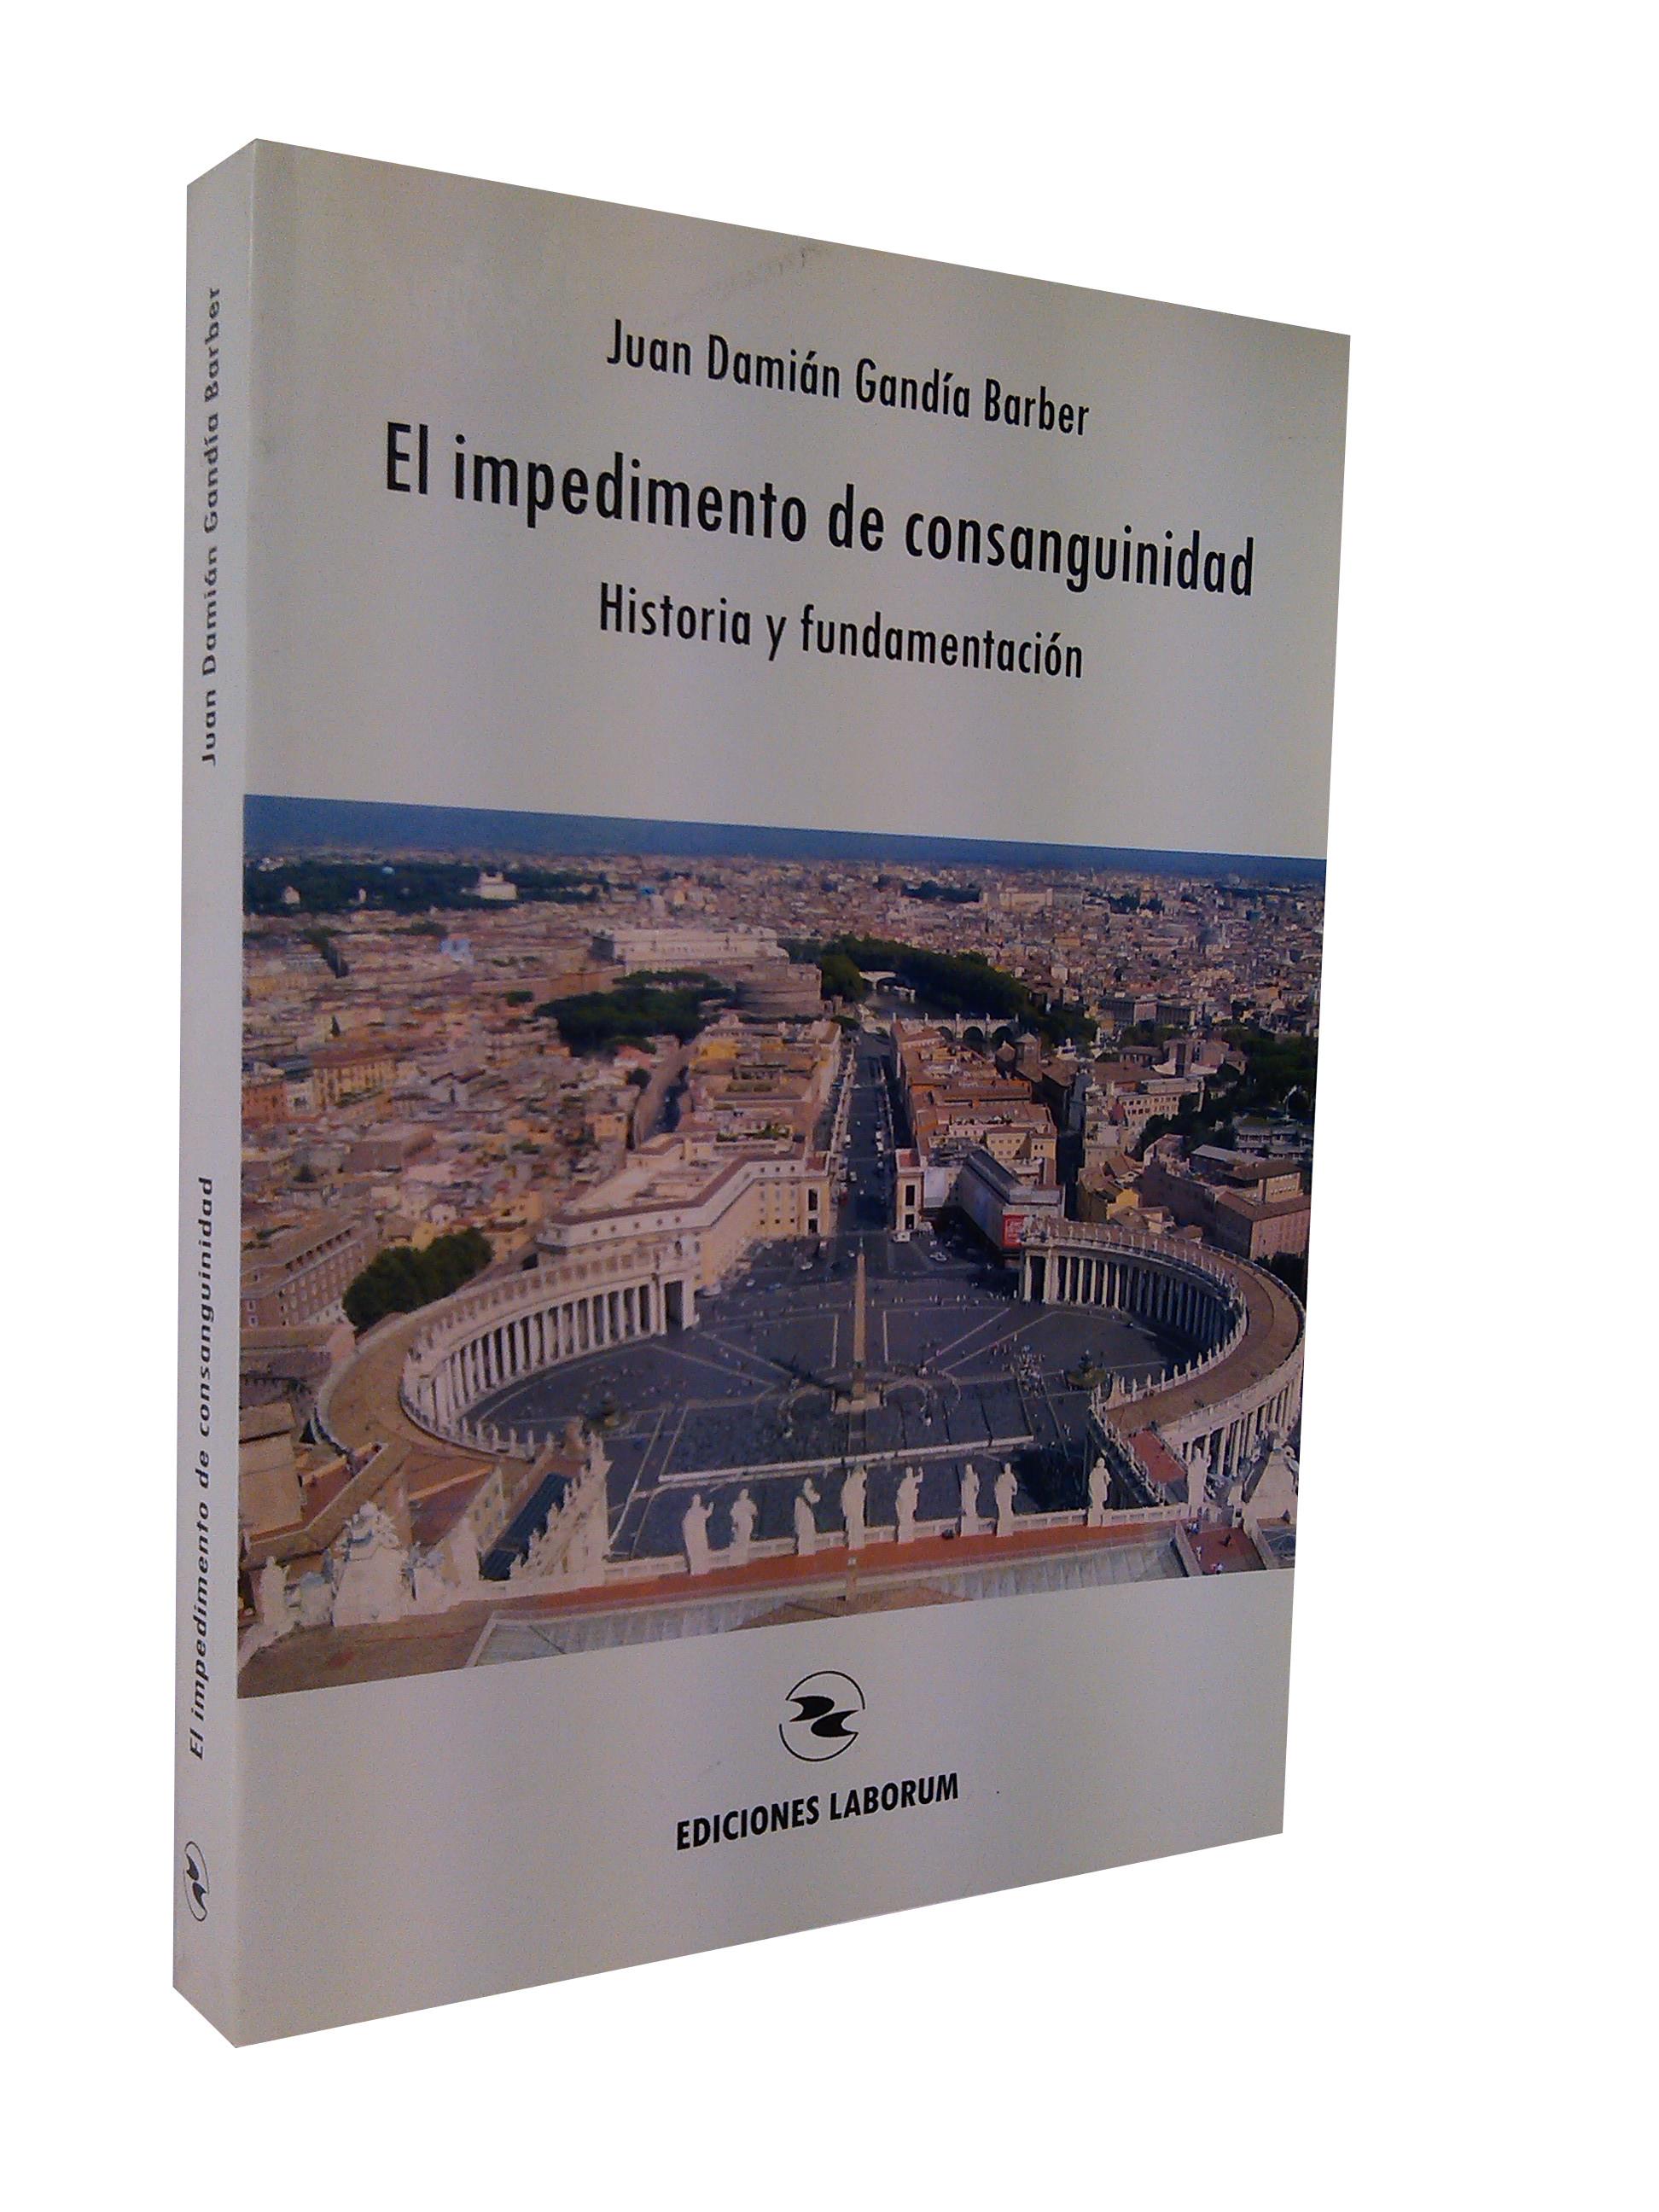 El impedimento de consanguinidad : historia y fundamentación